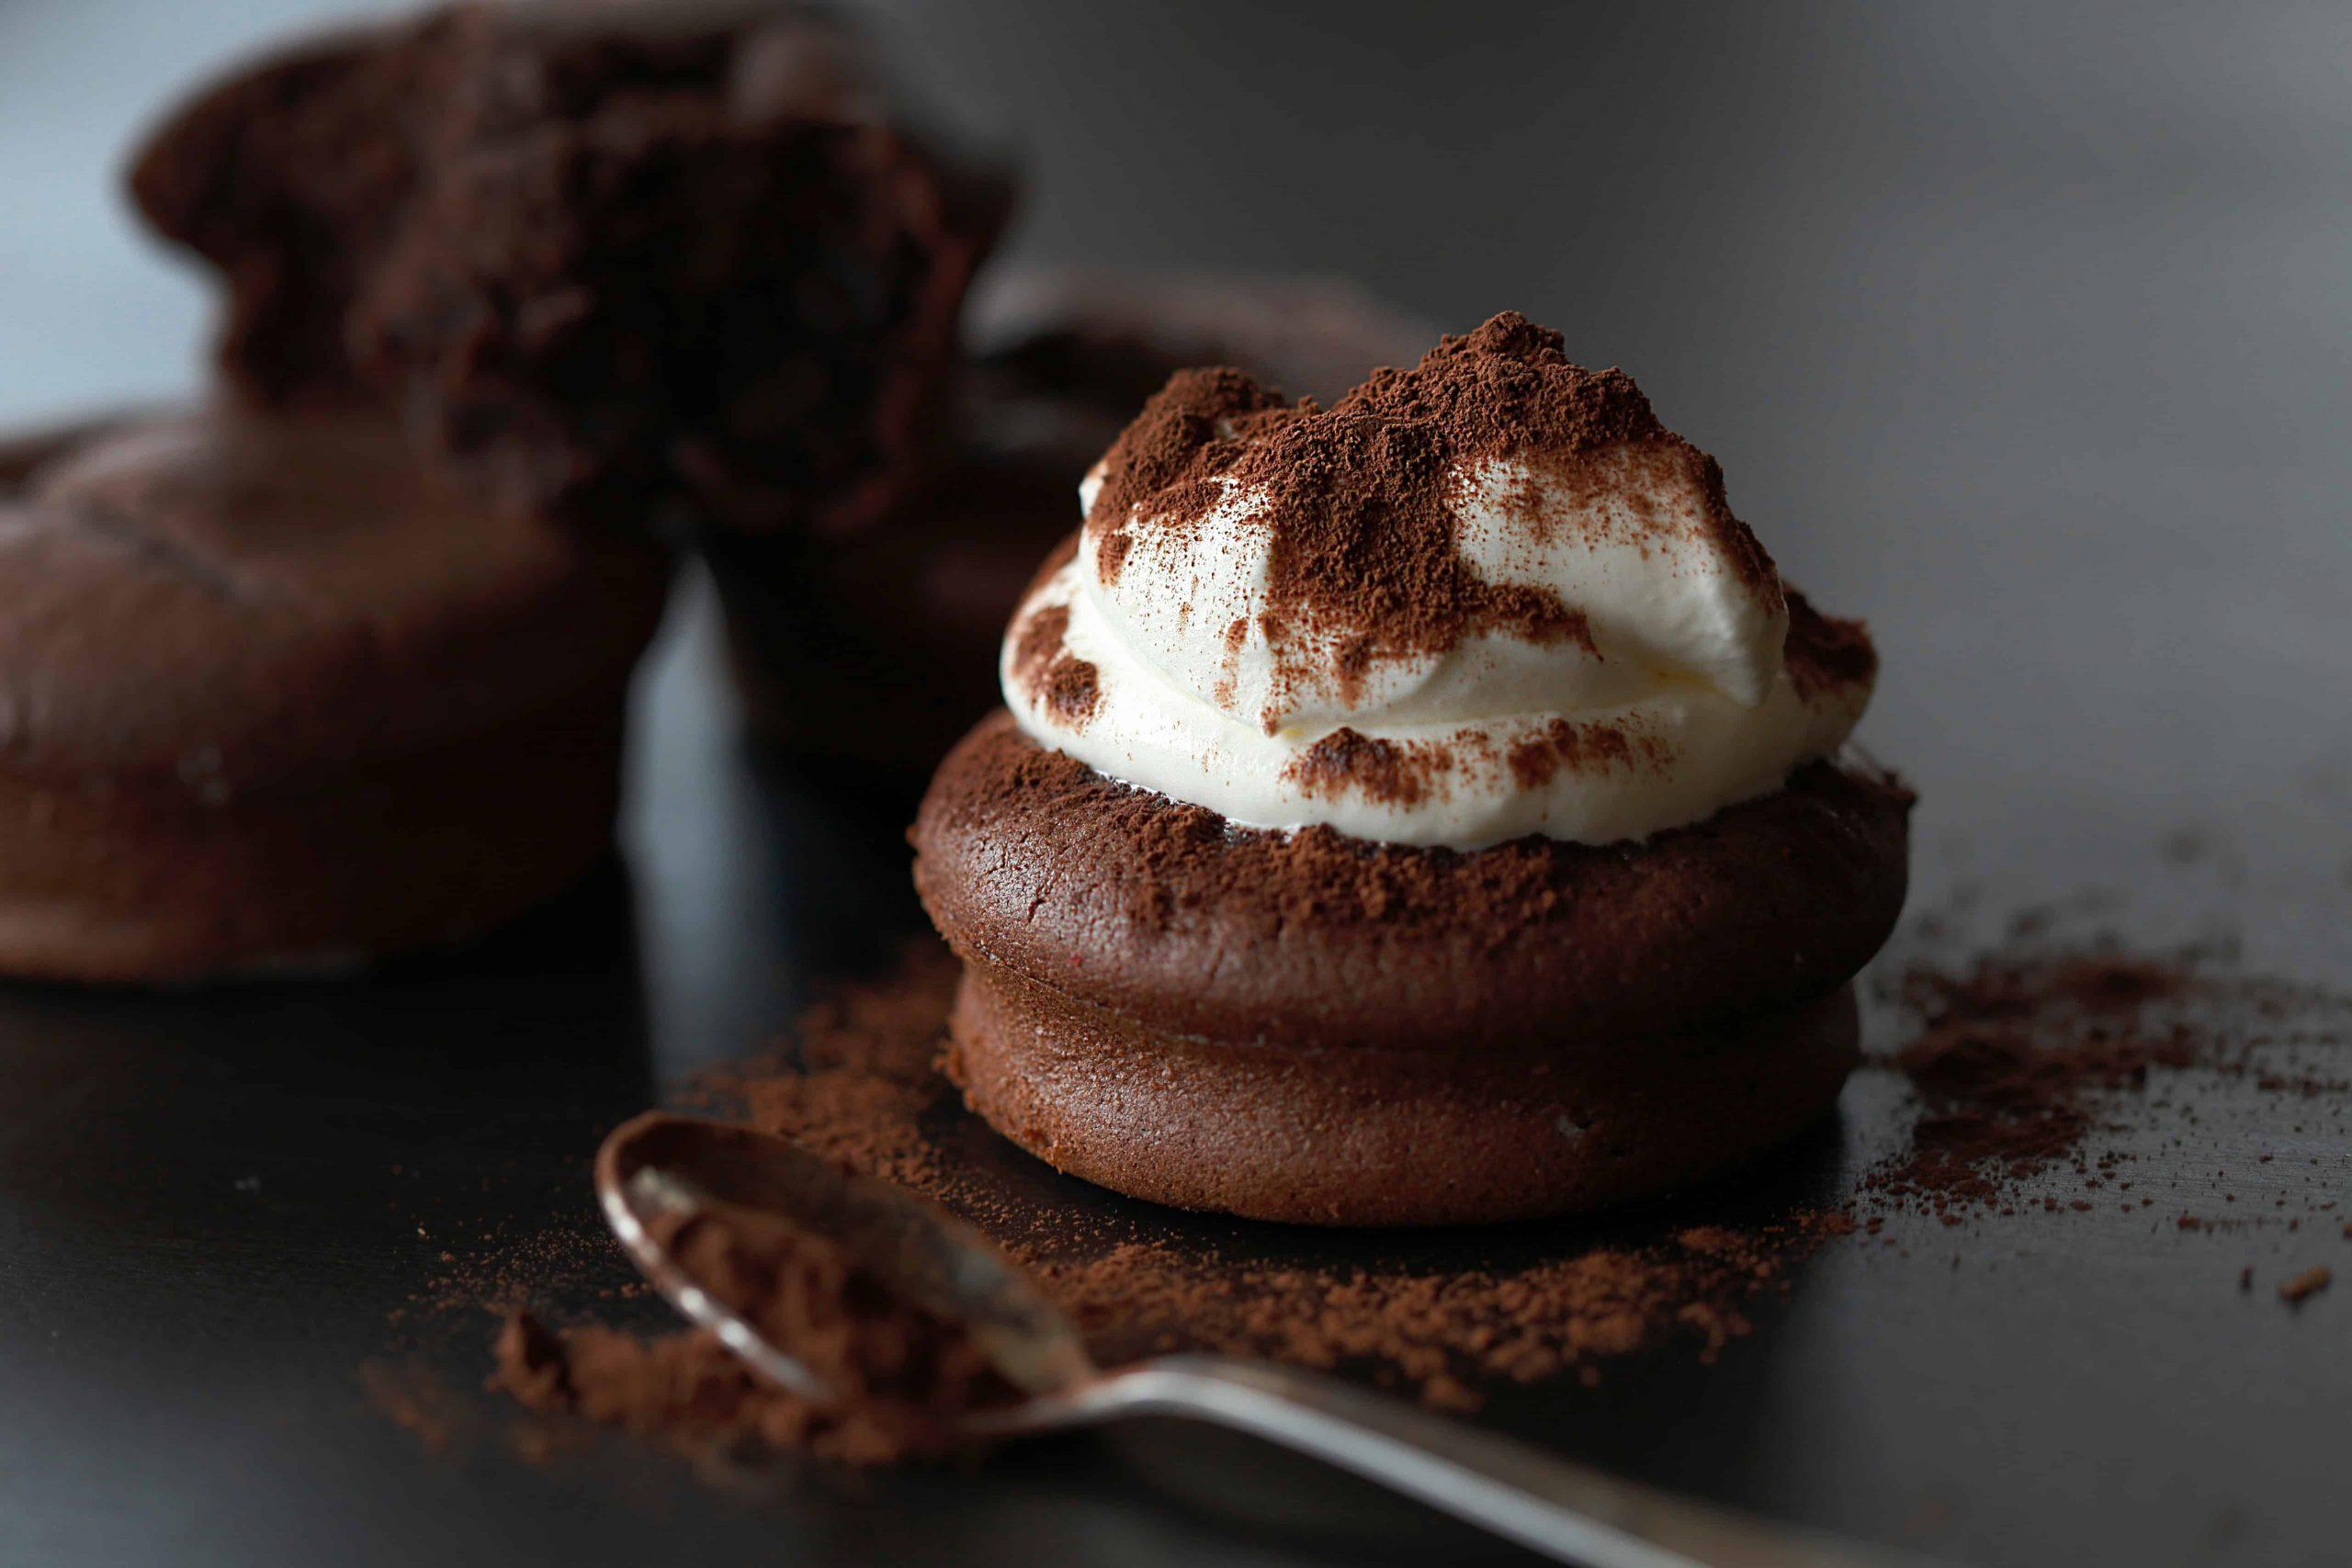 Kakaopulver ohne Zucker: Test & Empfehlung (08/20)